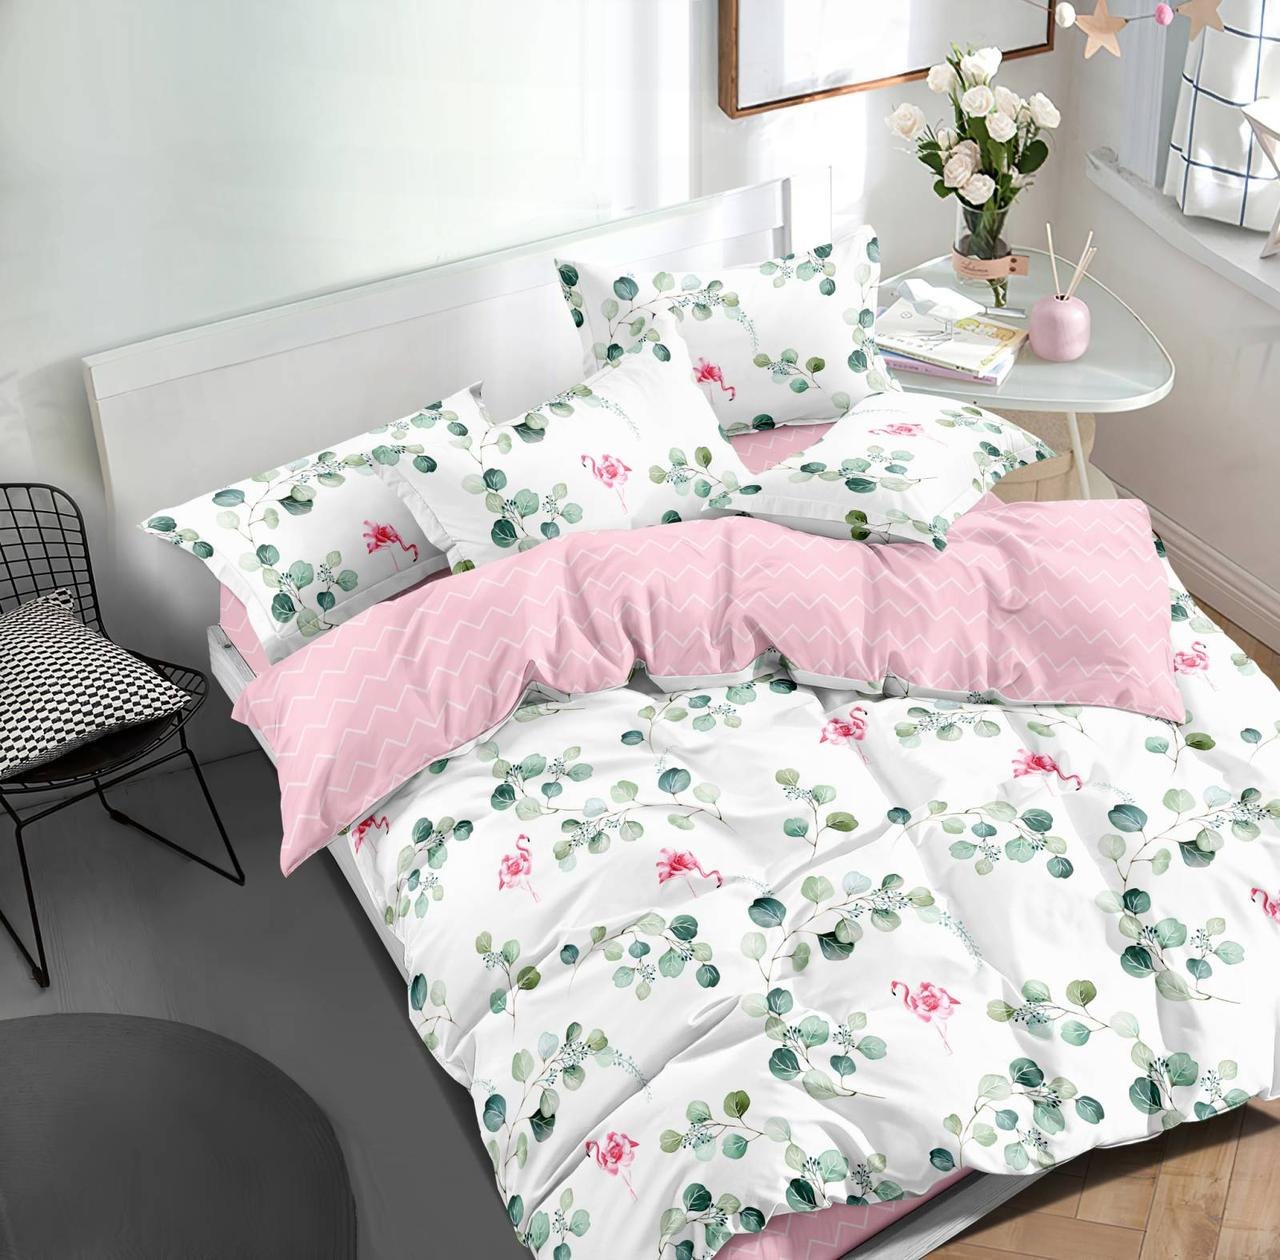 Двуспальный комплект постельного белья евро 200*220 сатин (15756) TM КРИСПОЛ Украина